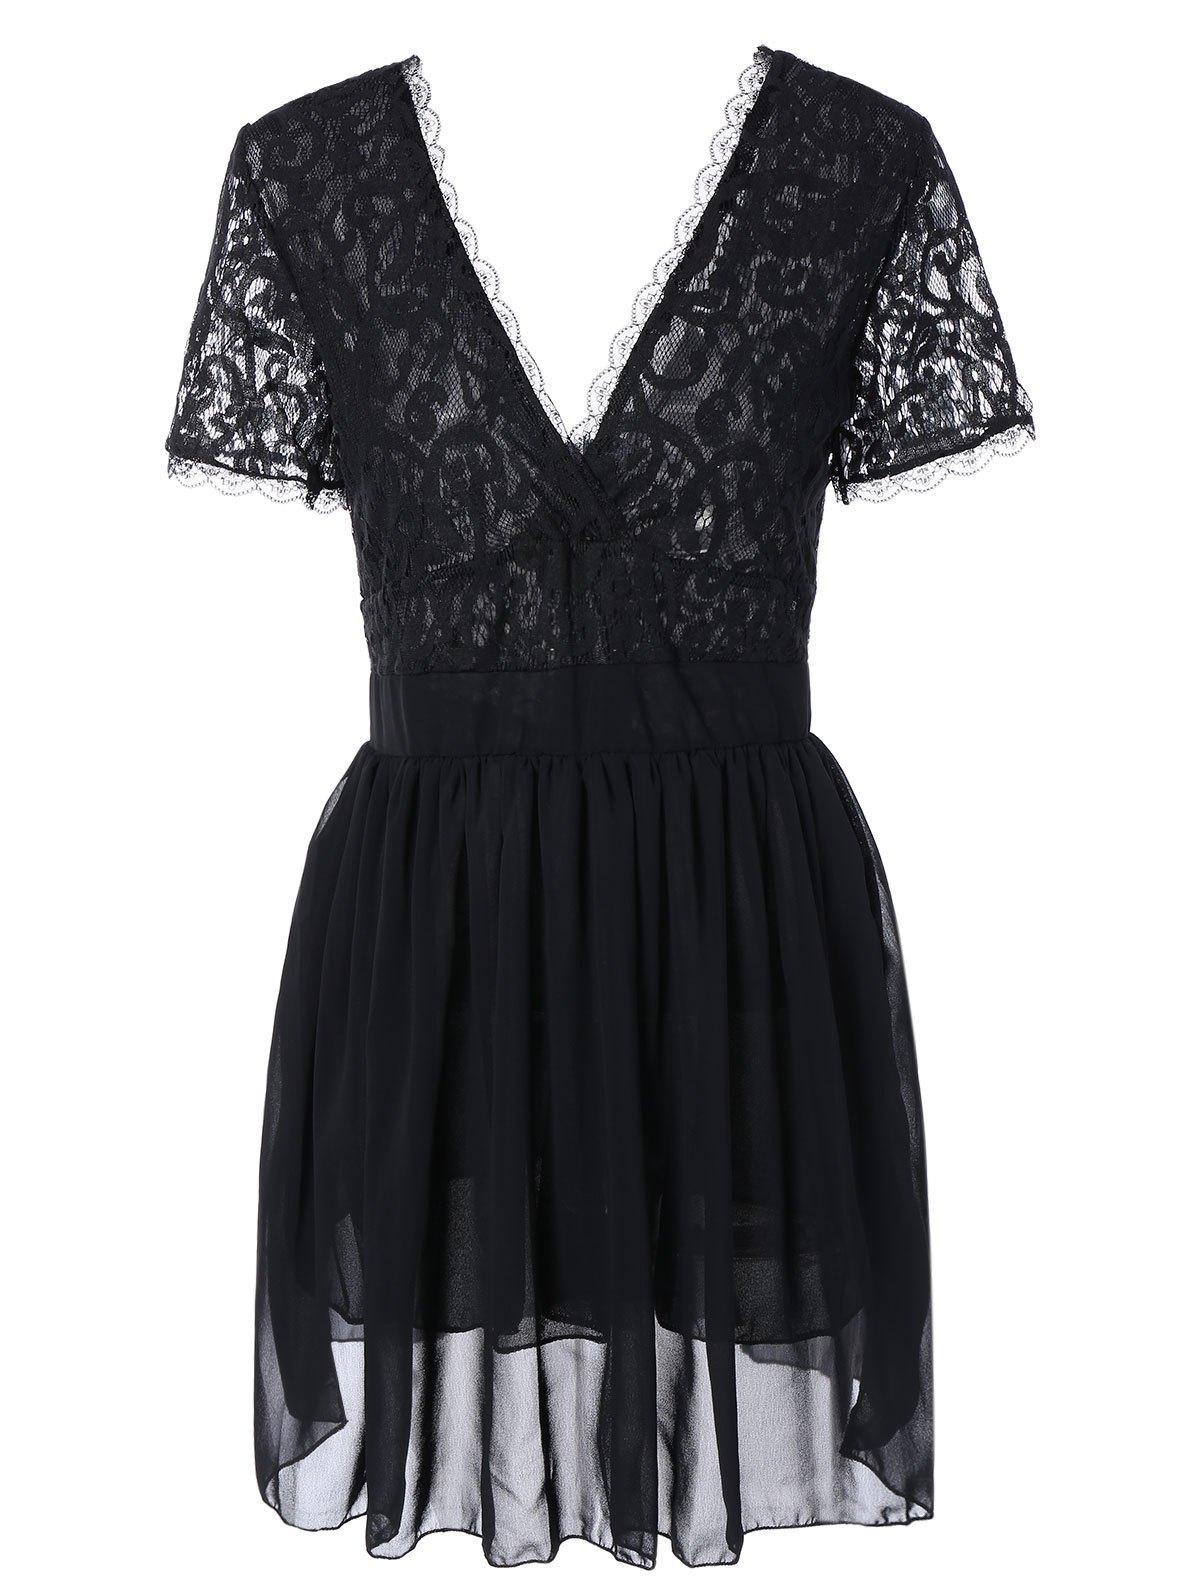 Plunging Neck Skort Sleeve Black Lace Spliced Dress